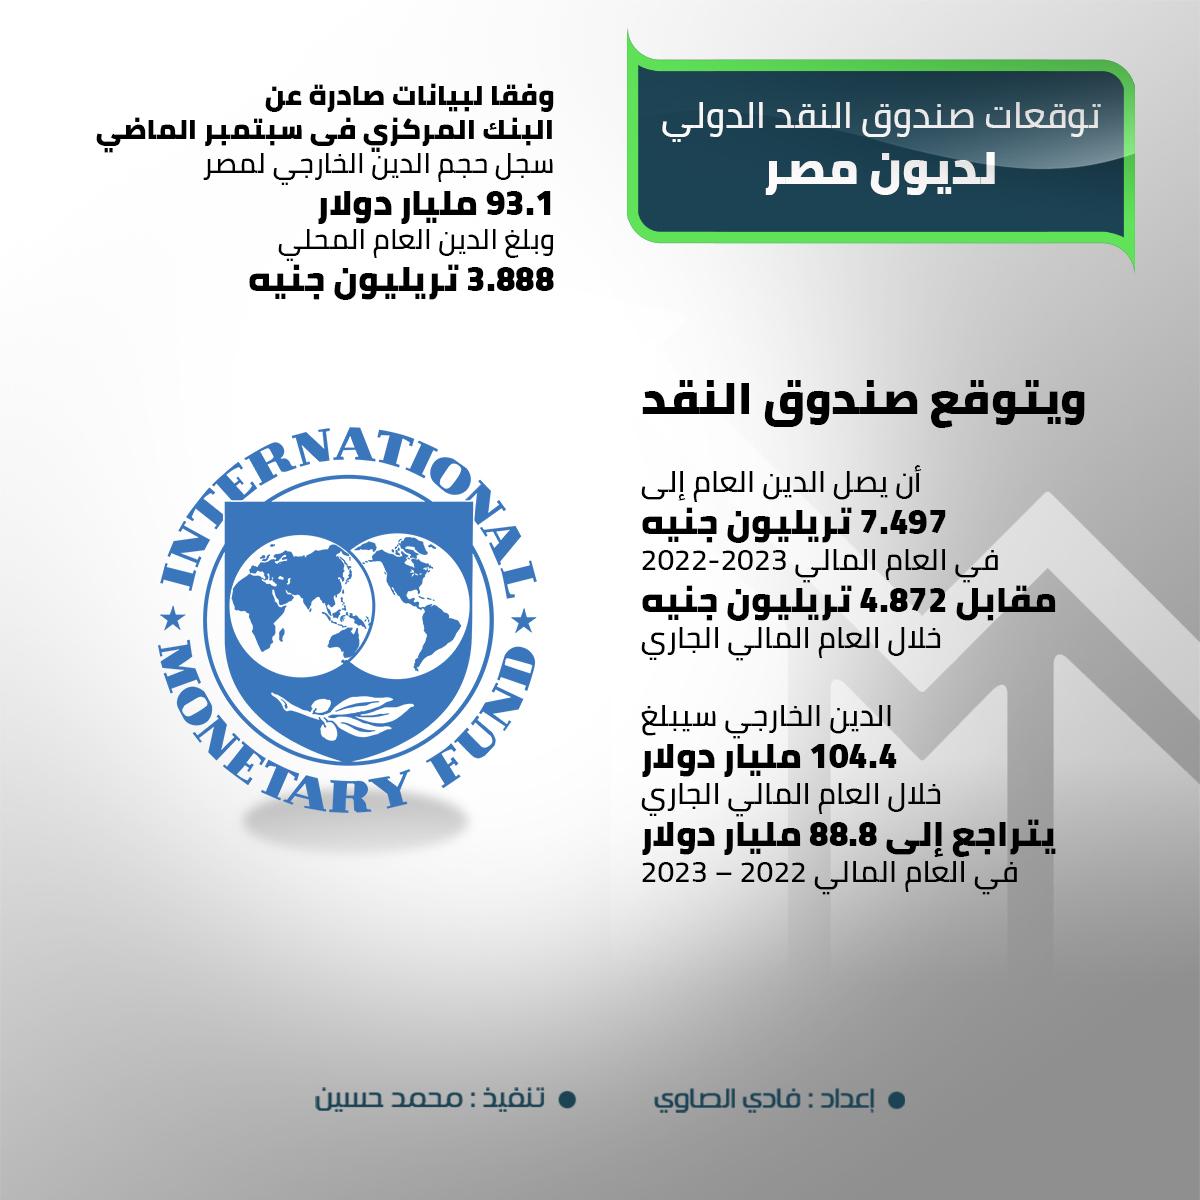 توقعات صندوق النقد الدولي لديون مصر